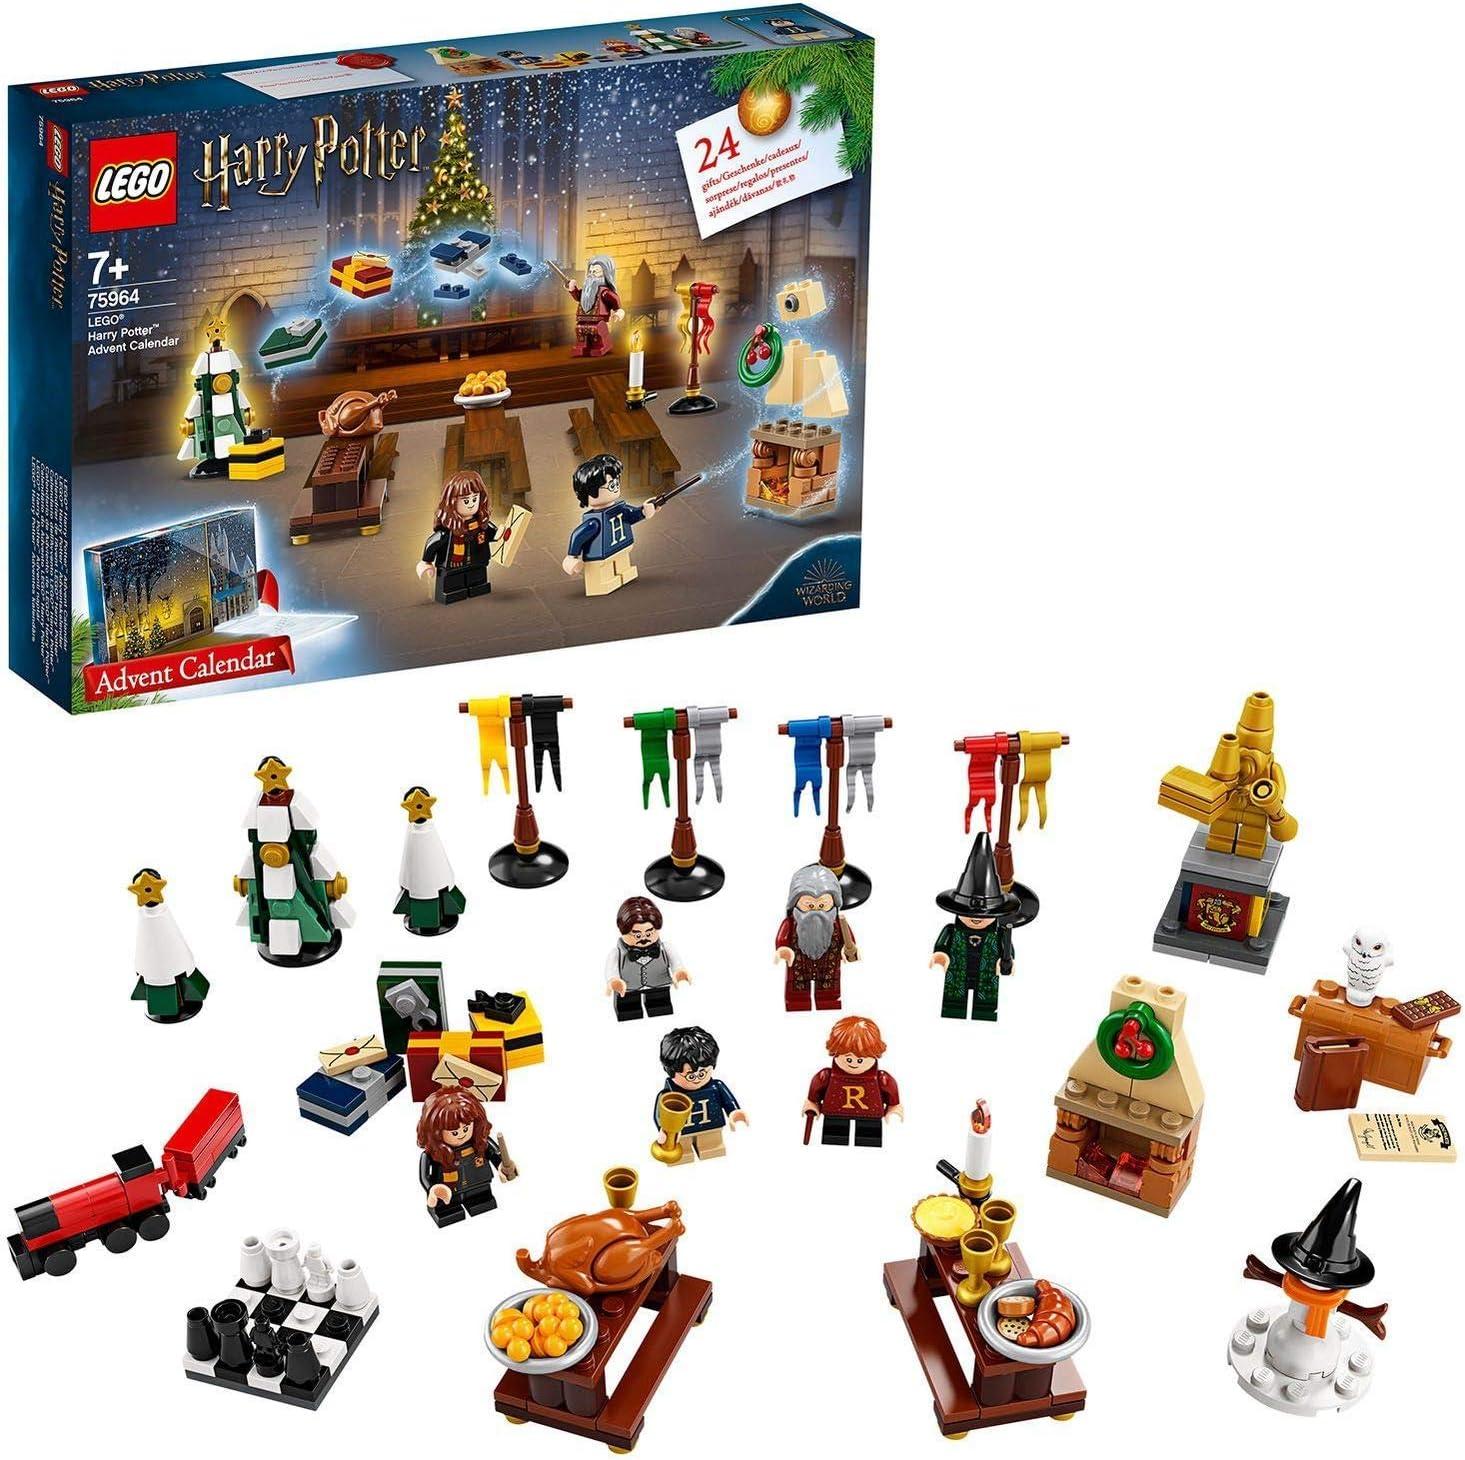 LEGO Harry Potter - Calendario de Adviento 2019, Juguete de Construcción con 7 Minifiguras del Mundo Mágico, un Mini Tren de Hogwarts y a Hedwig (75964)